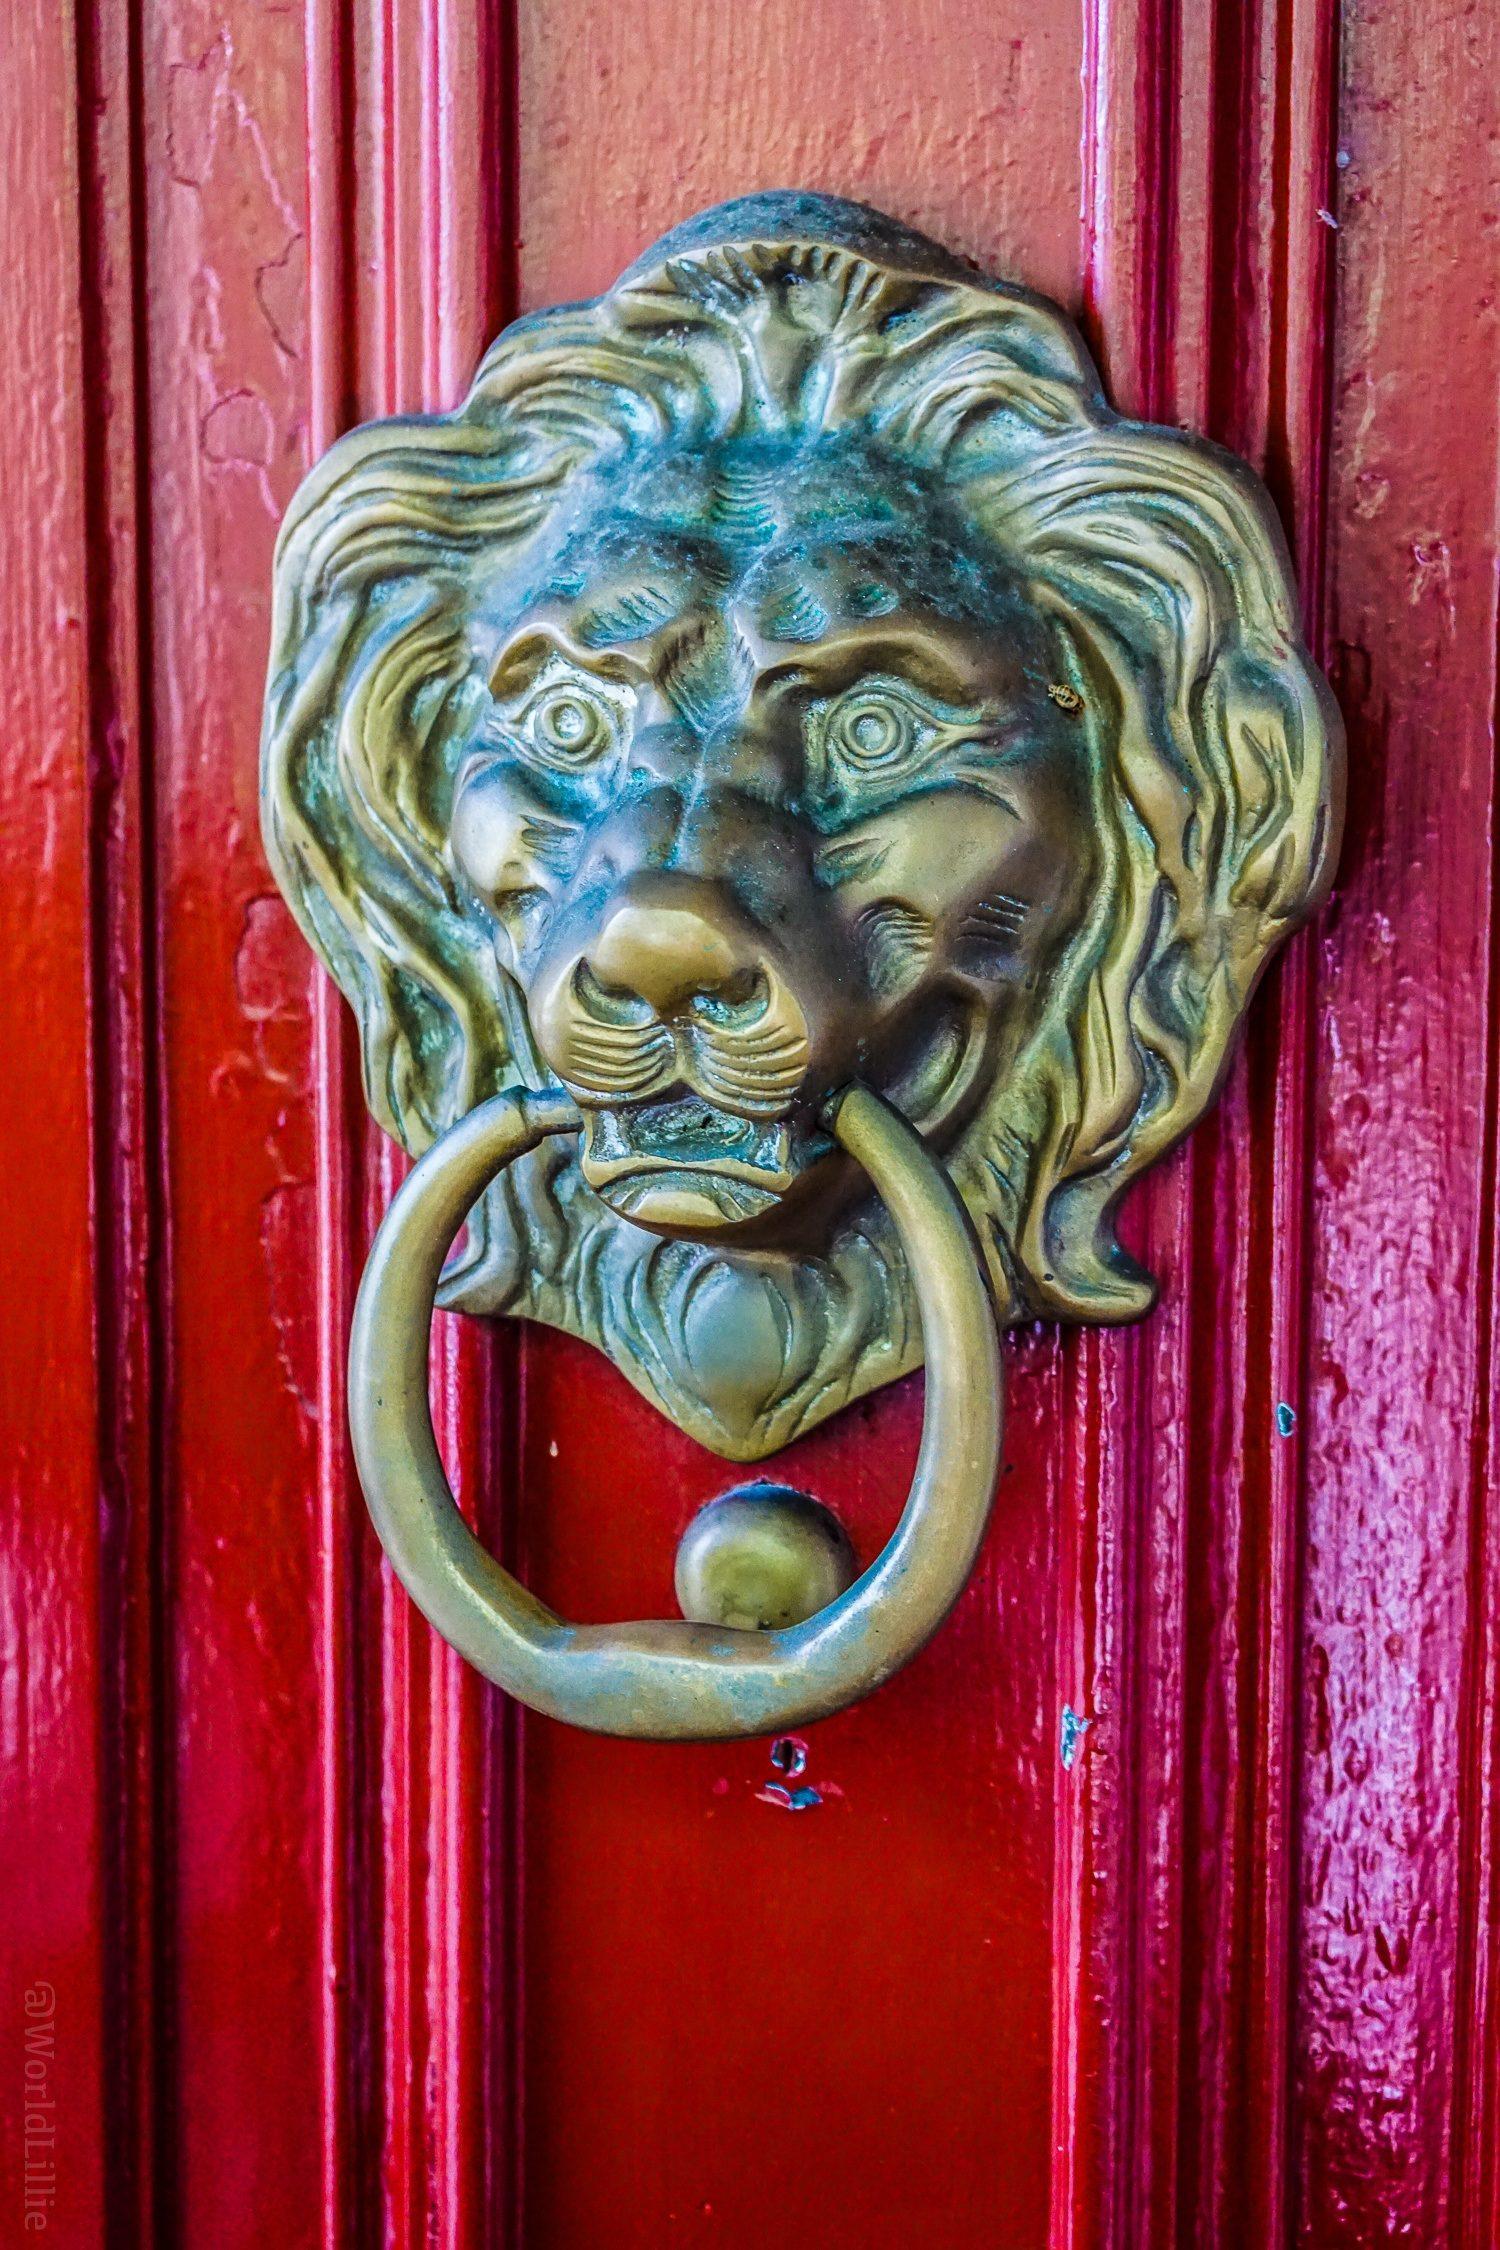 The lion door knocker at the Red Lion Inn, Stockbridge, MA.